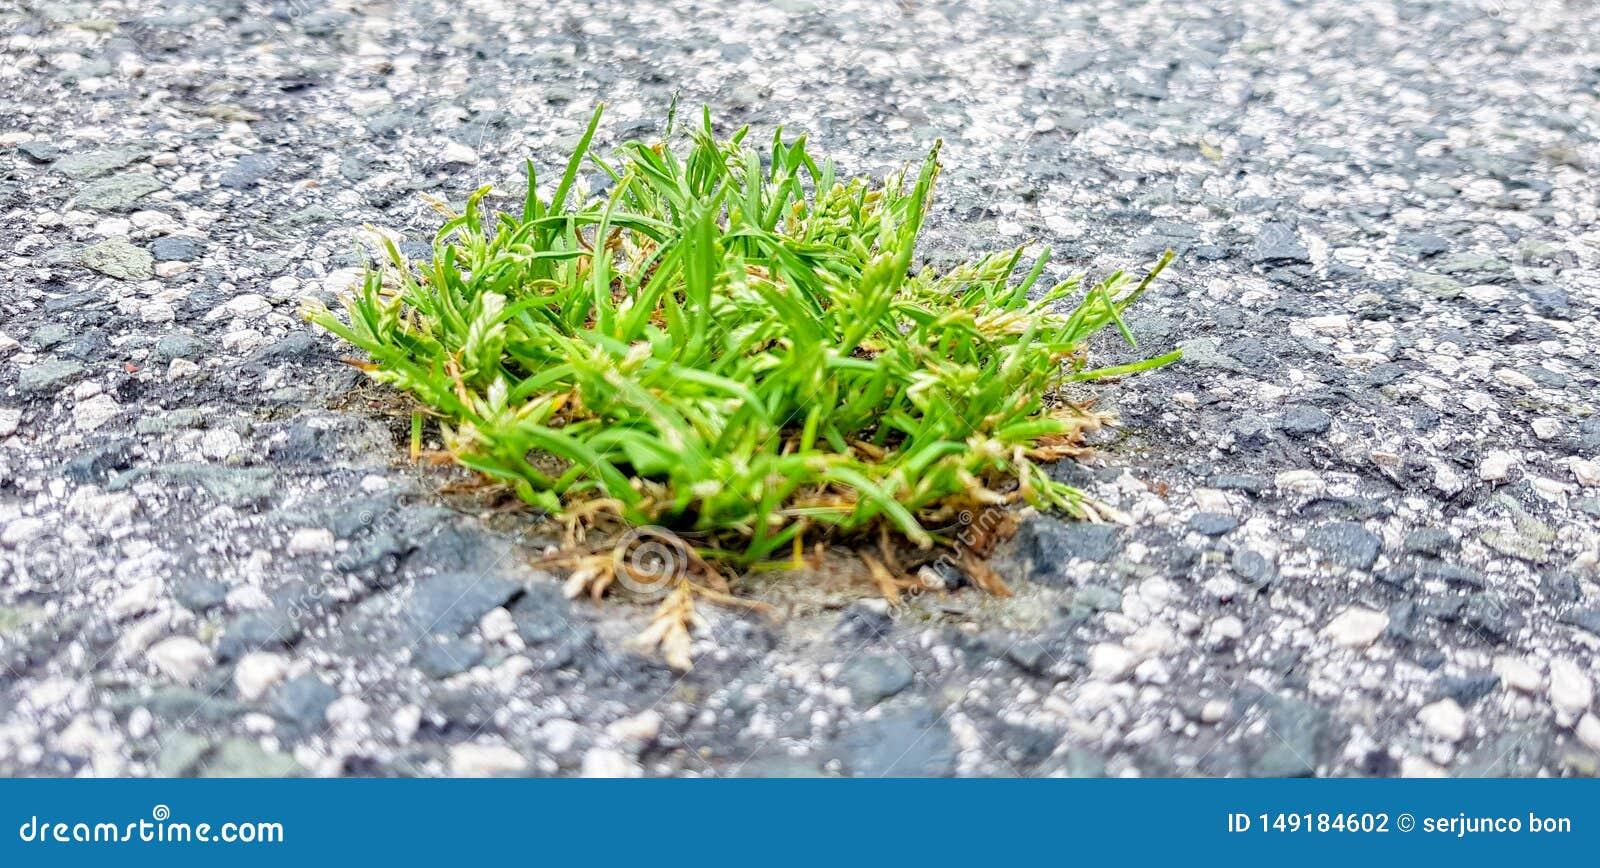 Een stuk van gras is geboren in het asfalt Een beeld dat de macht van aard over de stad symboliseert